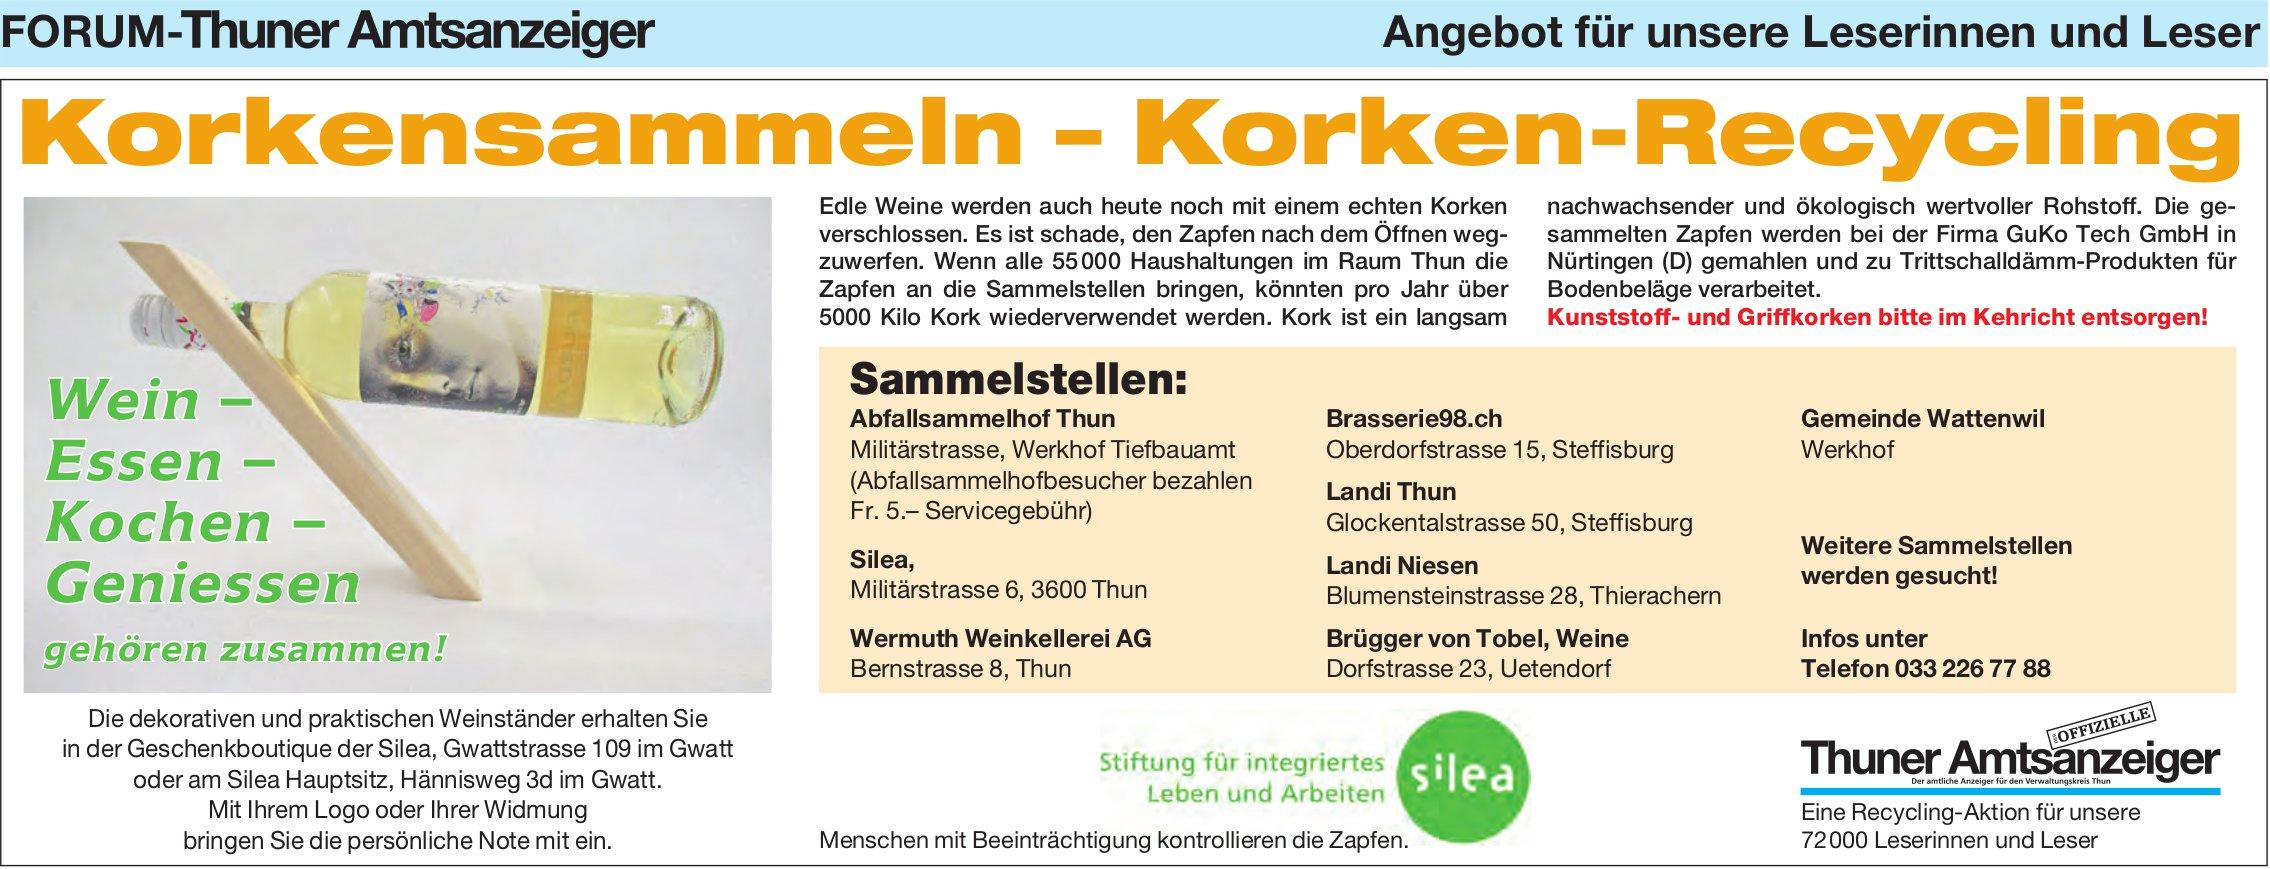 Forum-Thuner Amtsanzeiger/ Silea, Korkensammeln – Korken-Recycling